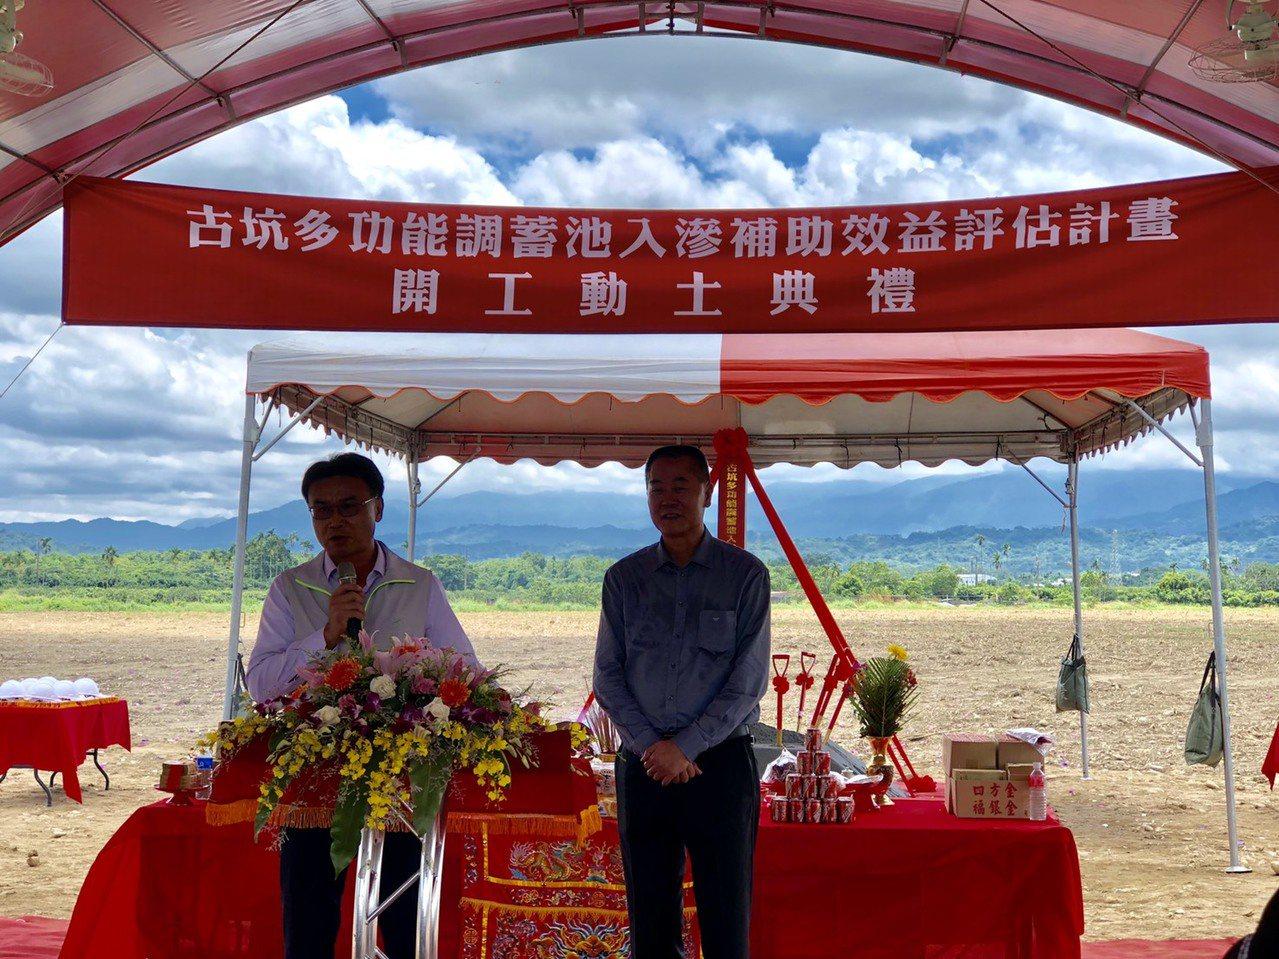 農委會主委陳吉仲(左)到場主持動土典禮。圖/雲林農田水利會提供